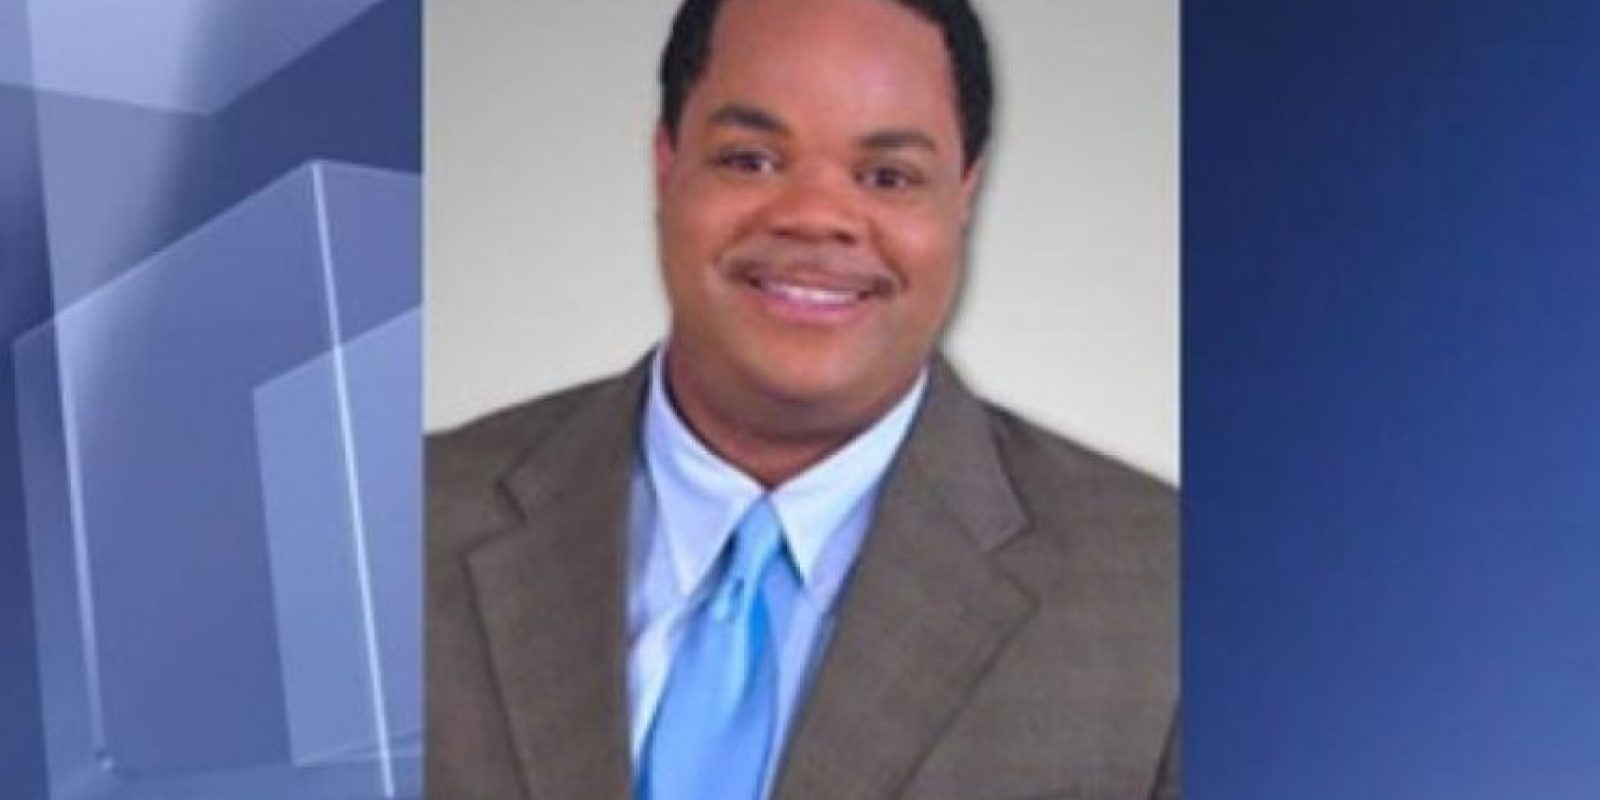 Vester Lee Flanagan, el asesino, hizo públicos los videos del ataque en Facebook, con el seudónimo de Bryce Williams. Foto:AP